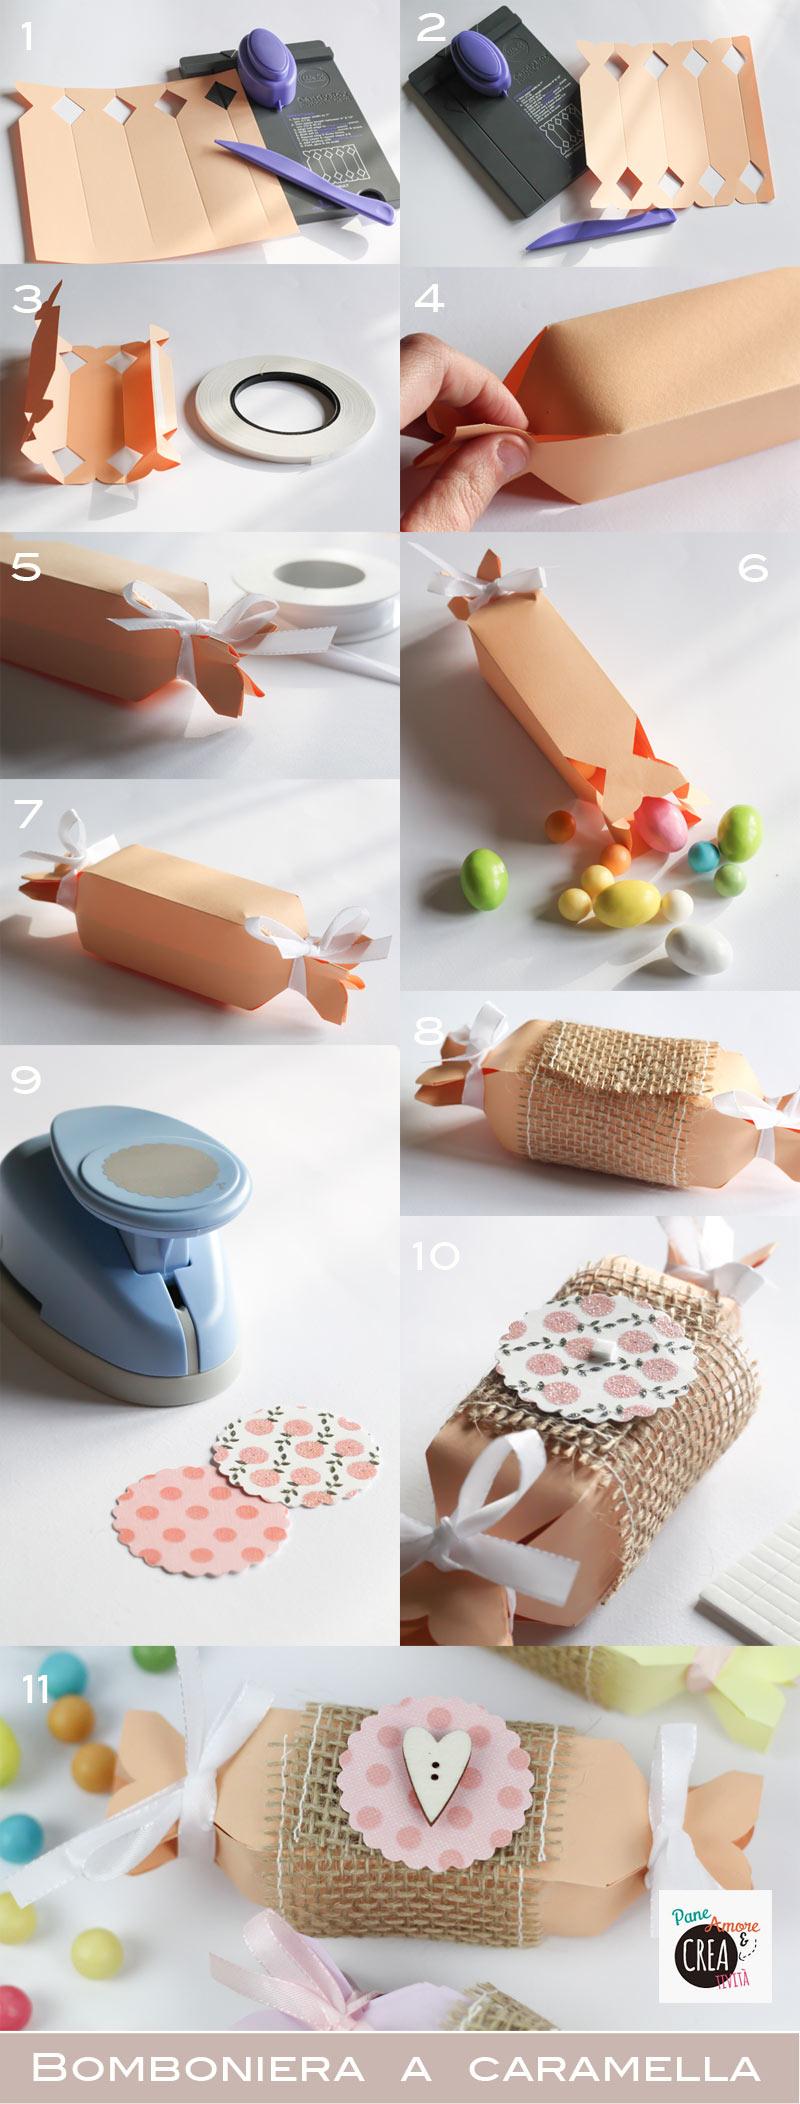 bomboniera-a-caramella---tutorial